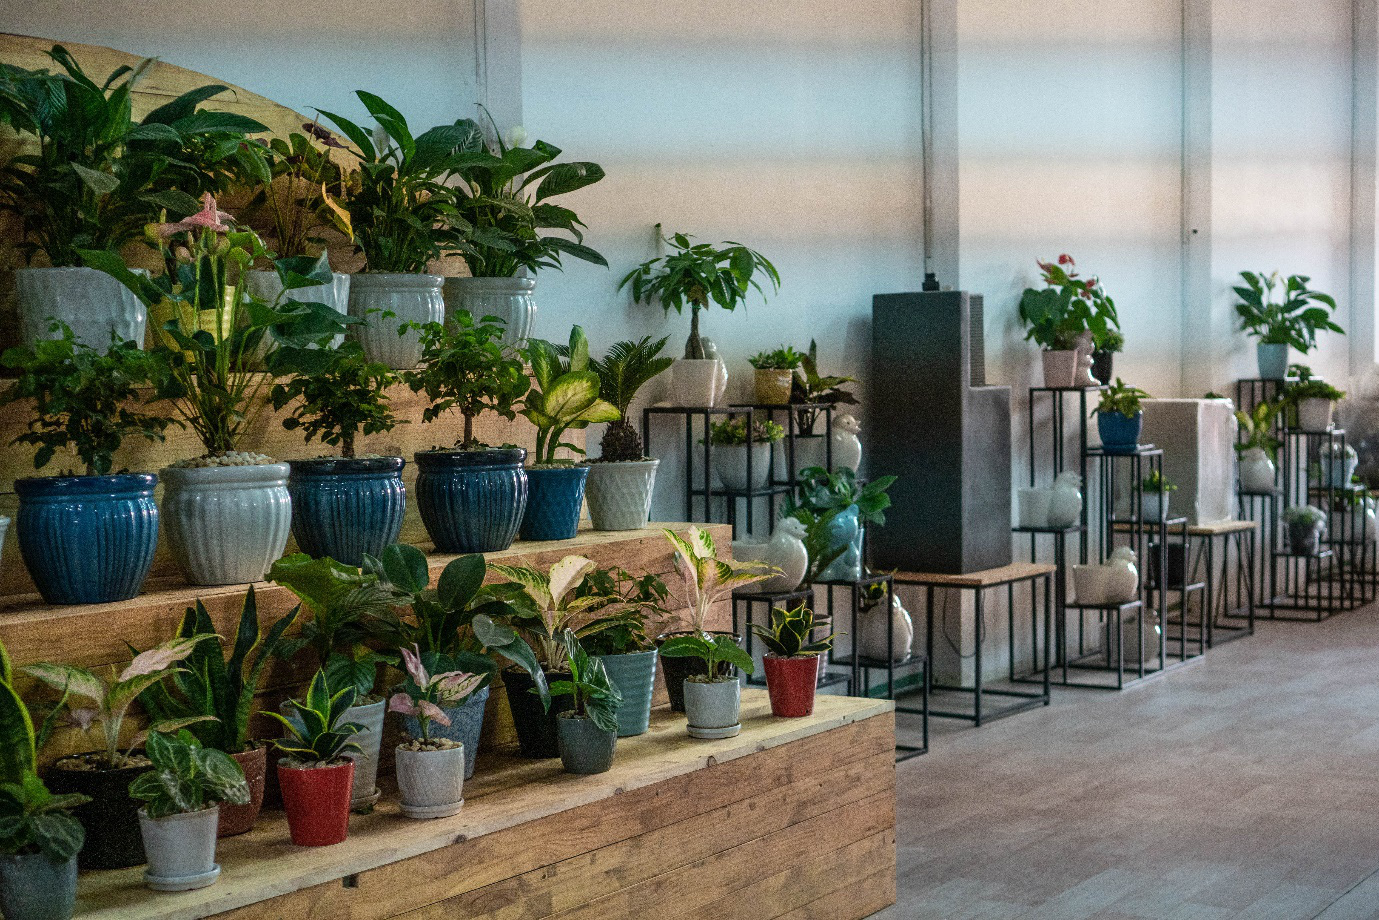 Made4Home Garden Center Bình Dương: Điểm đến mới lí tưởng cho cả gia đình vui chơi và mua sắm - Ảnh 7.